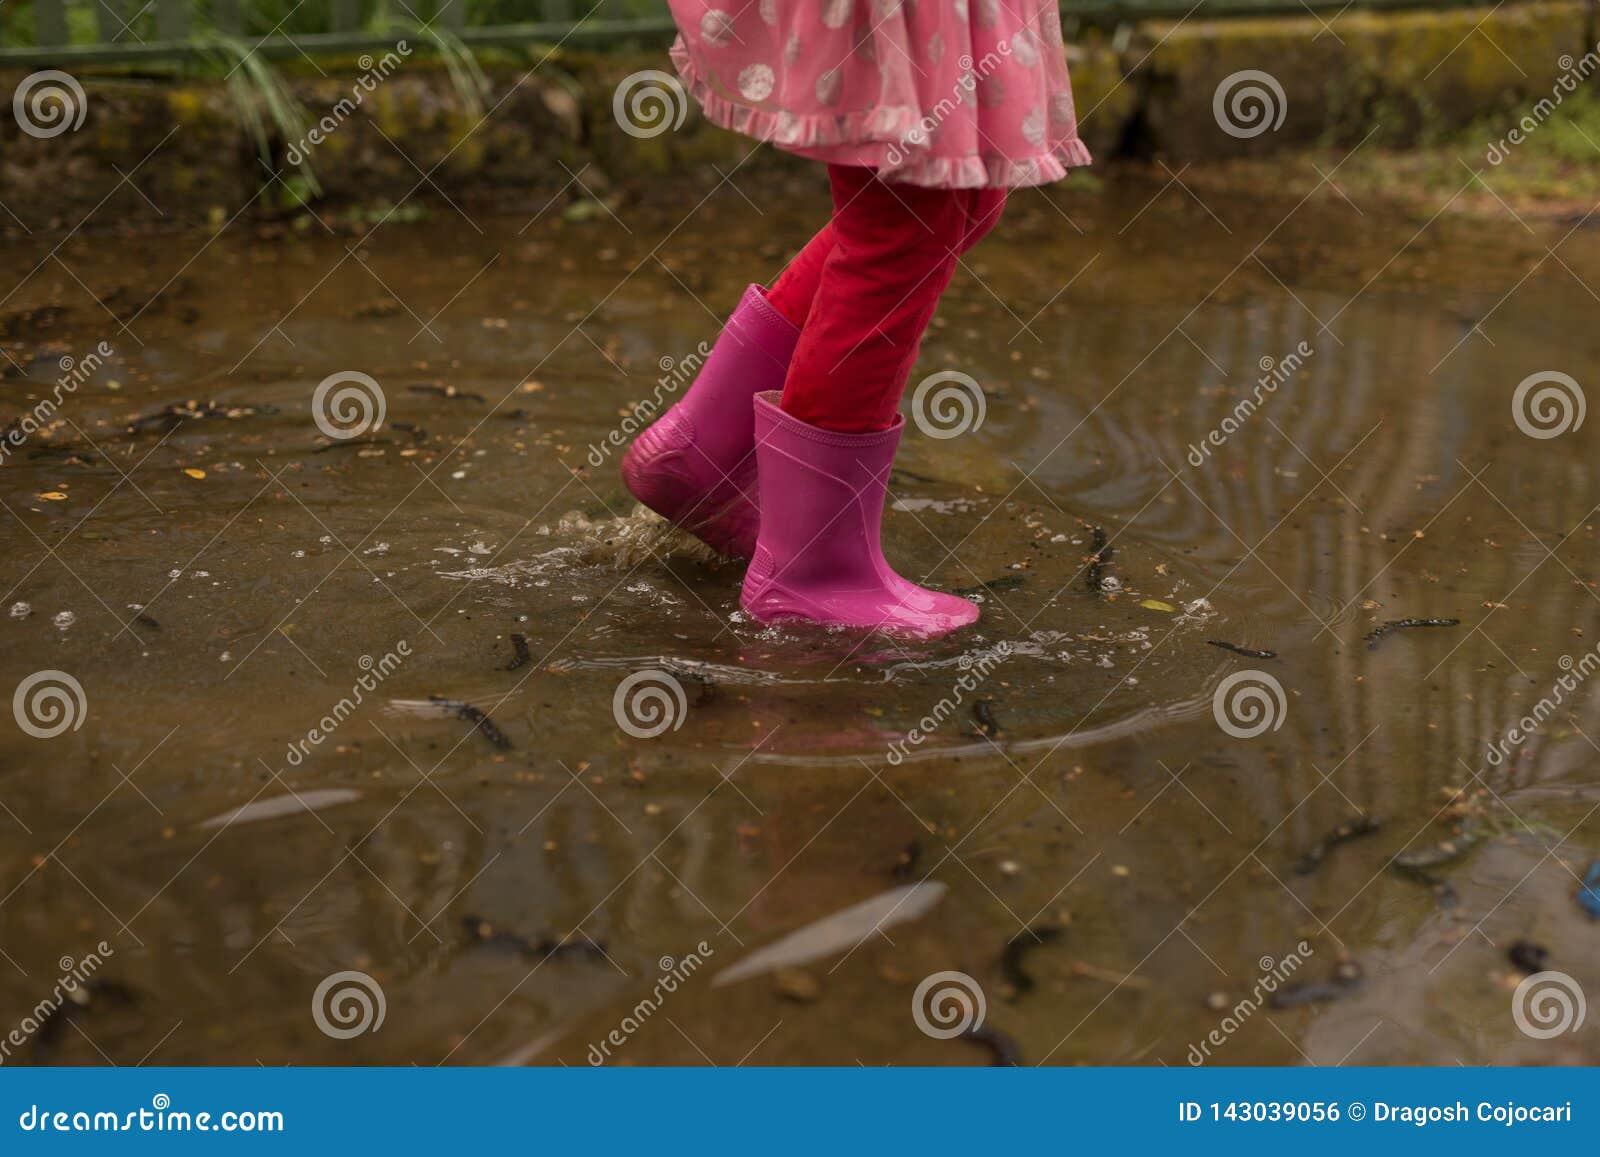 Speelse meisje openluchtsprong in vulklei in roze laars na regen Conceptueel beeld